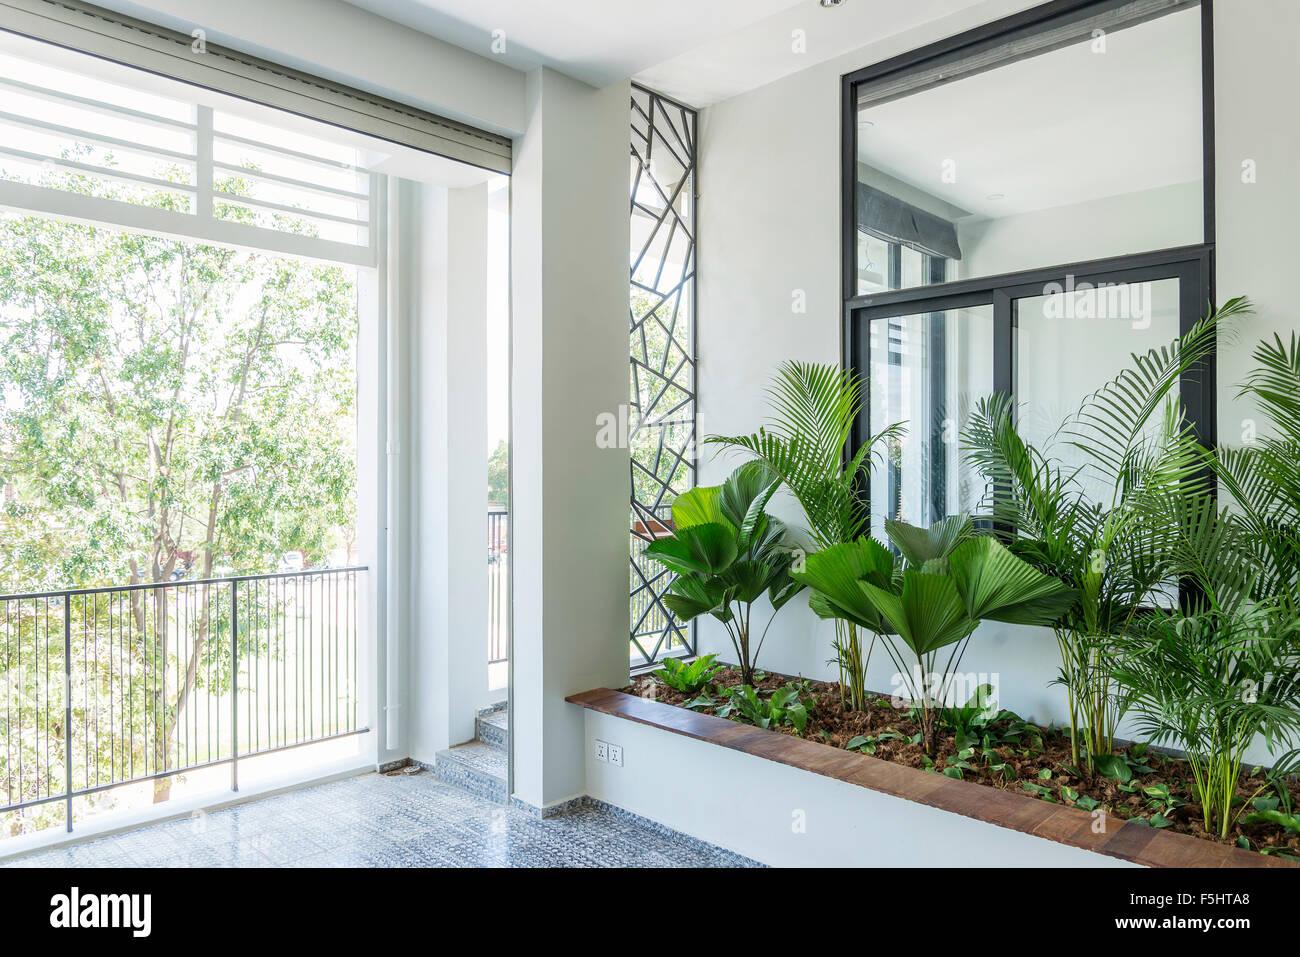 moderne zeitgenössische Innenarchitektur Garten Balkonpflanzen Stockbild